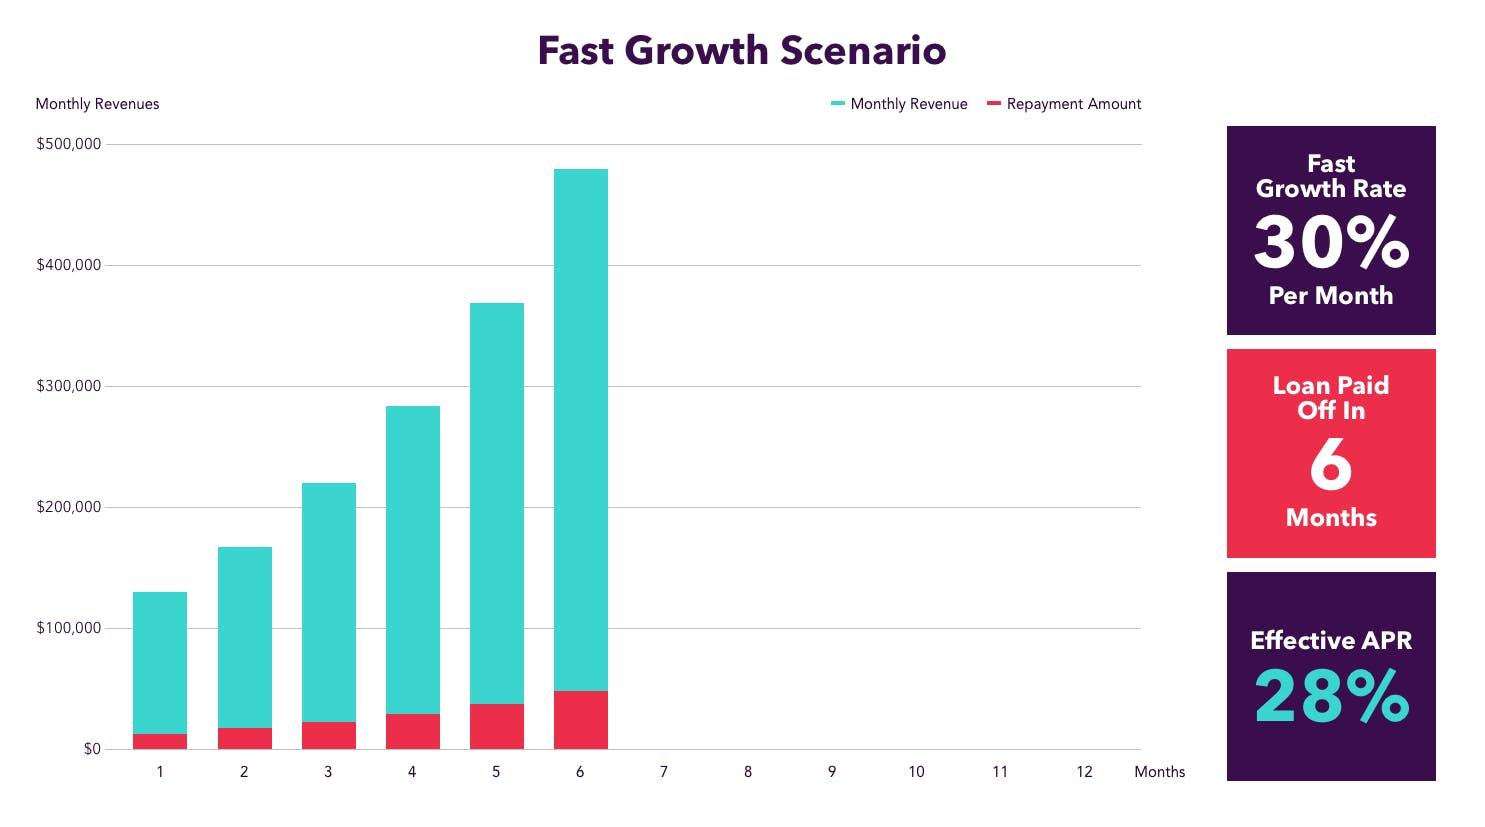 Fast growth scenario